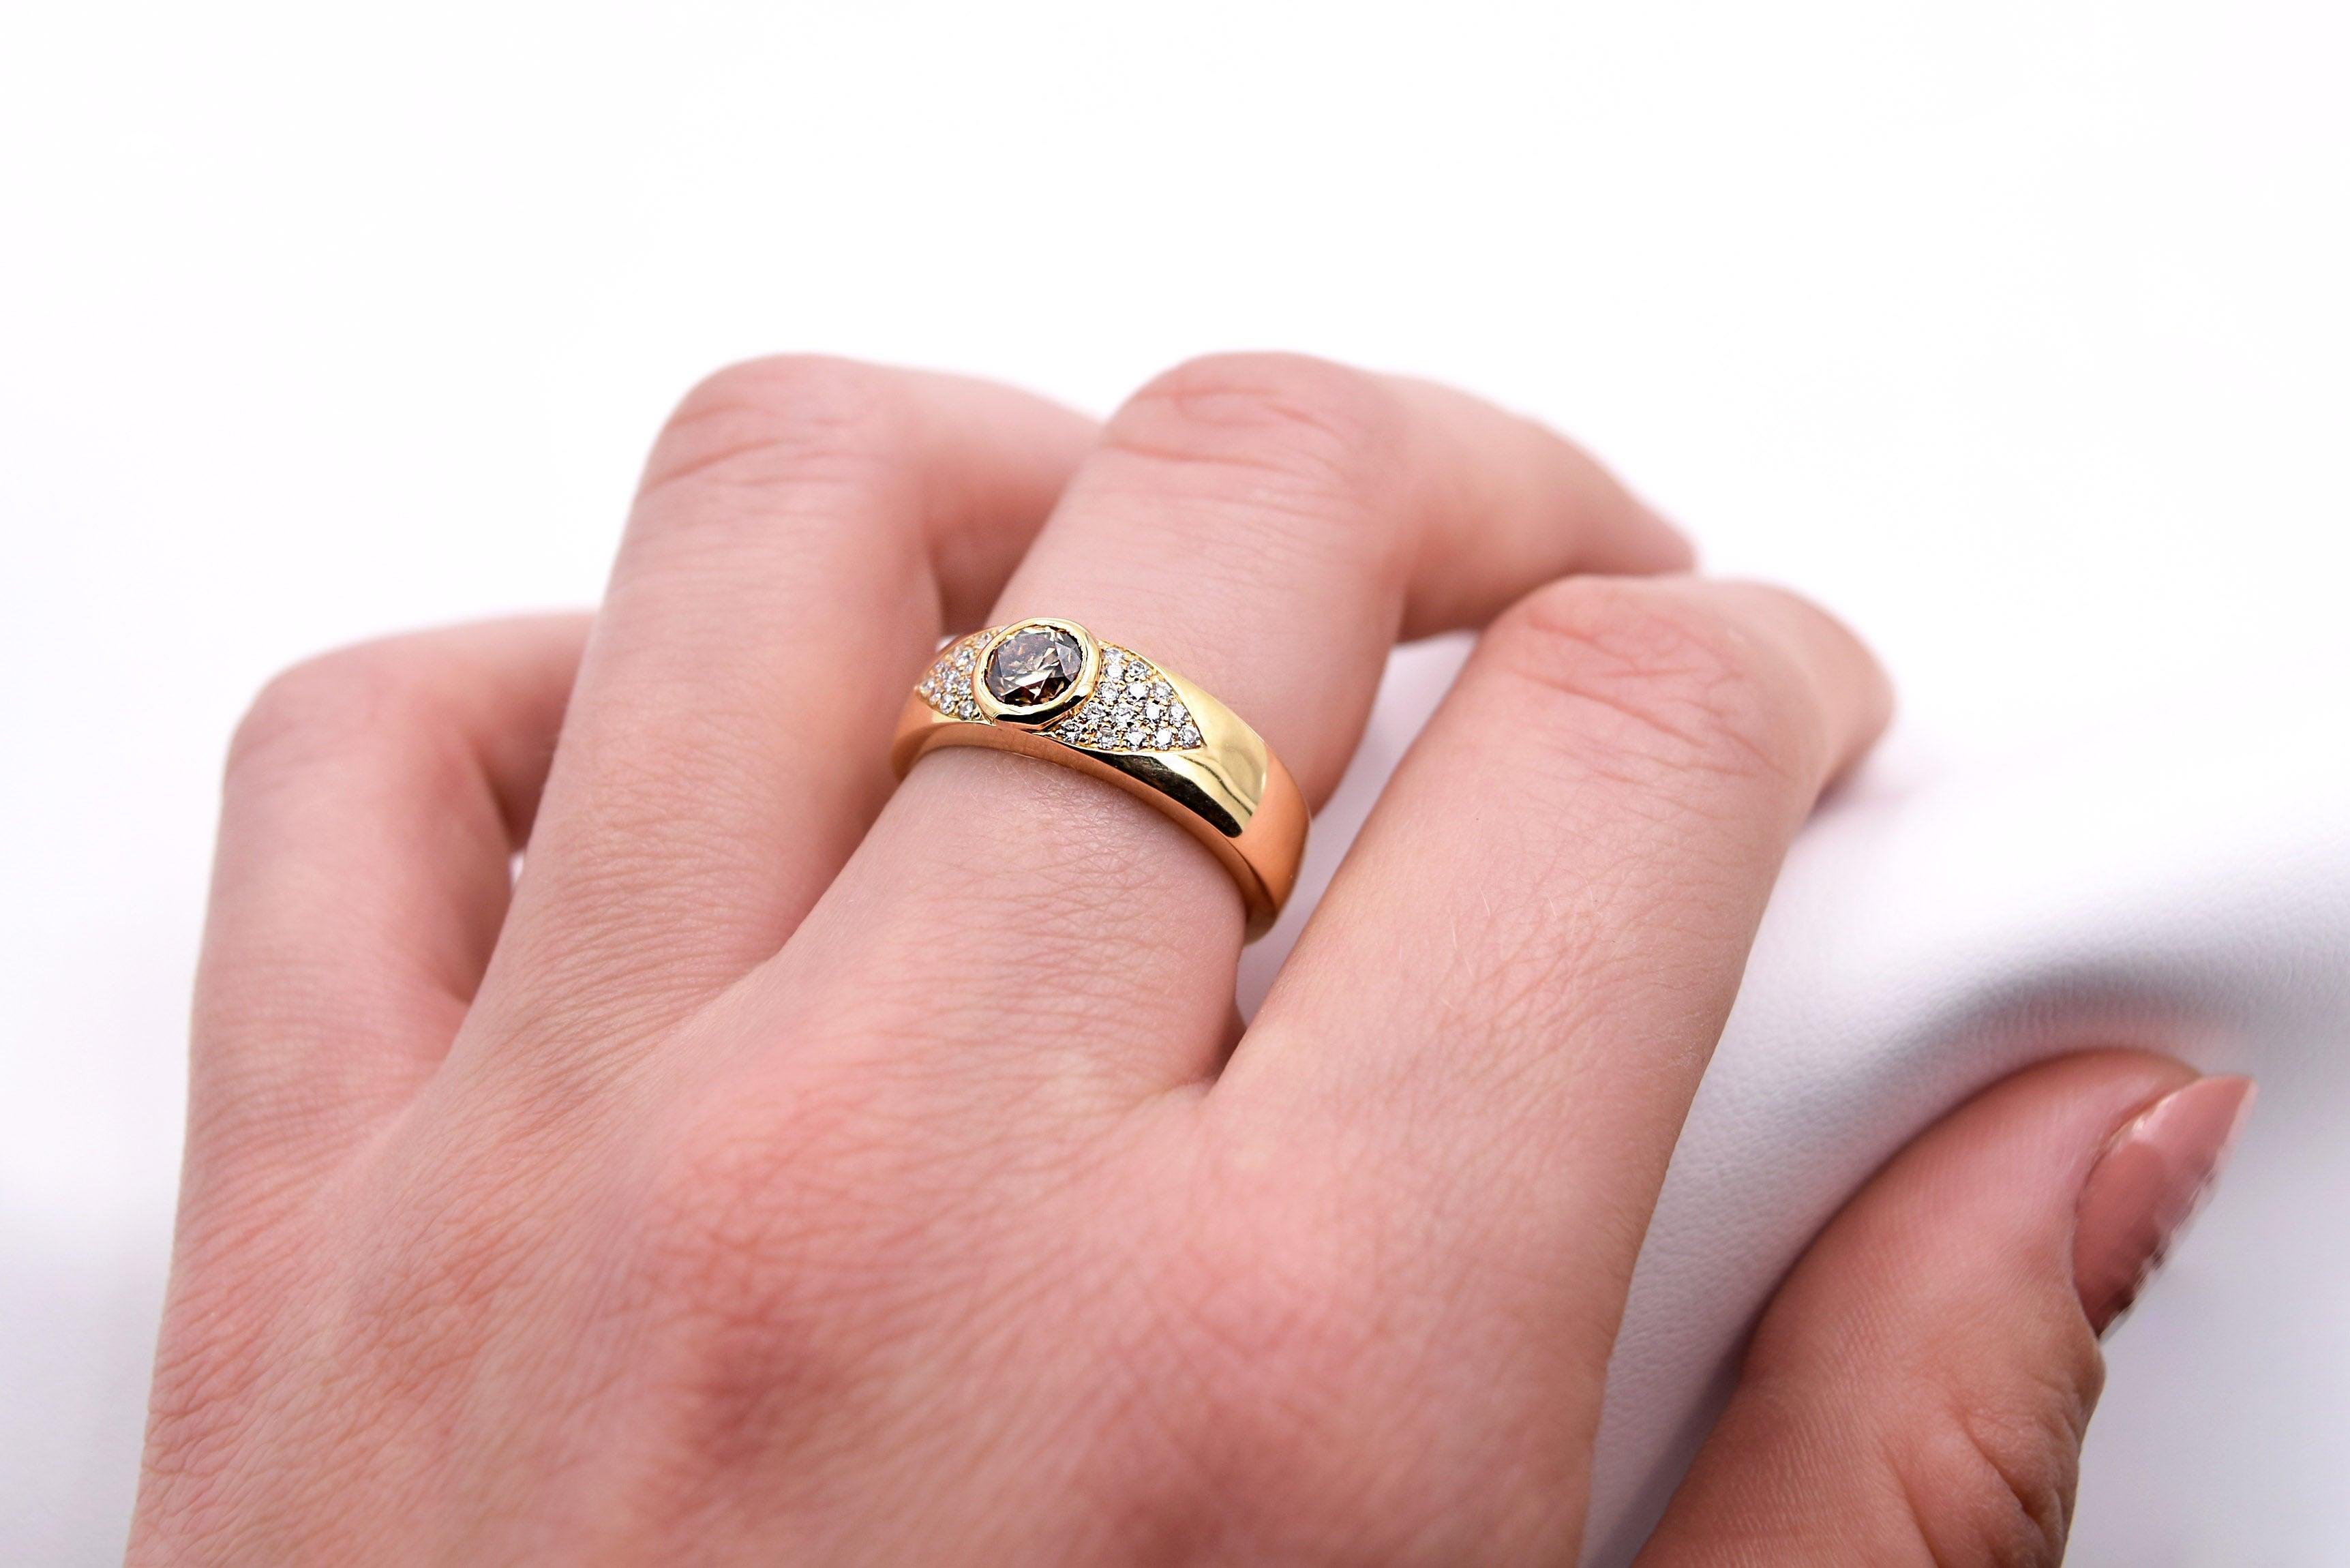 Brown Diamond and White Diamond Statement Ring in 18 Karat Yellow ...